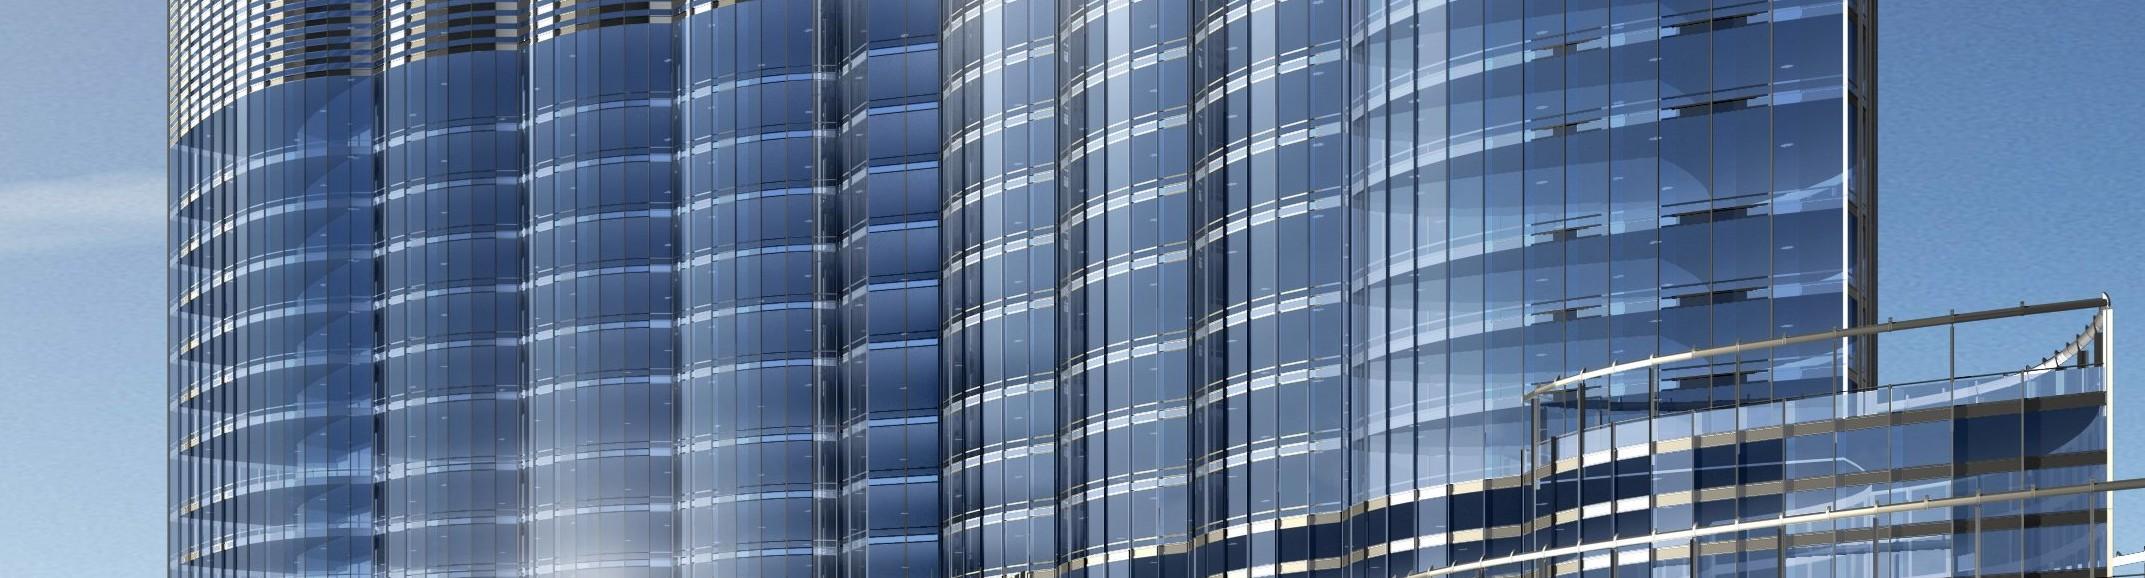 burj-dubai-facade-render